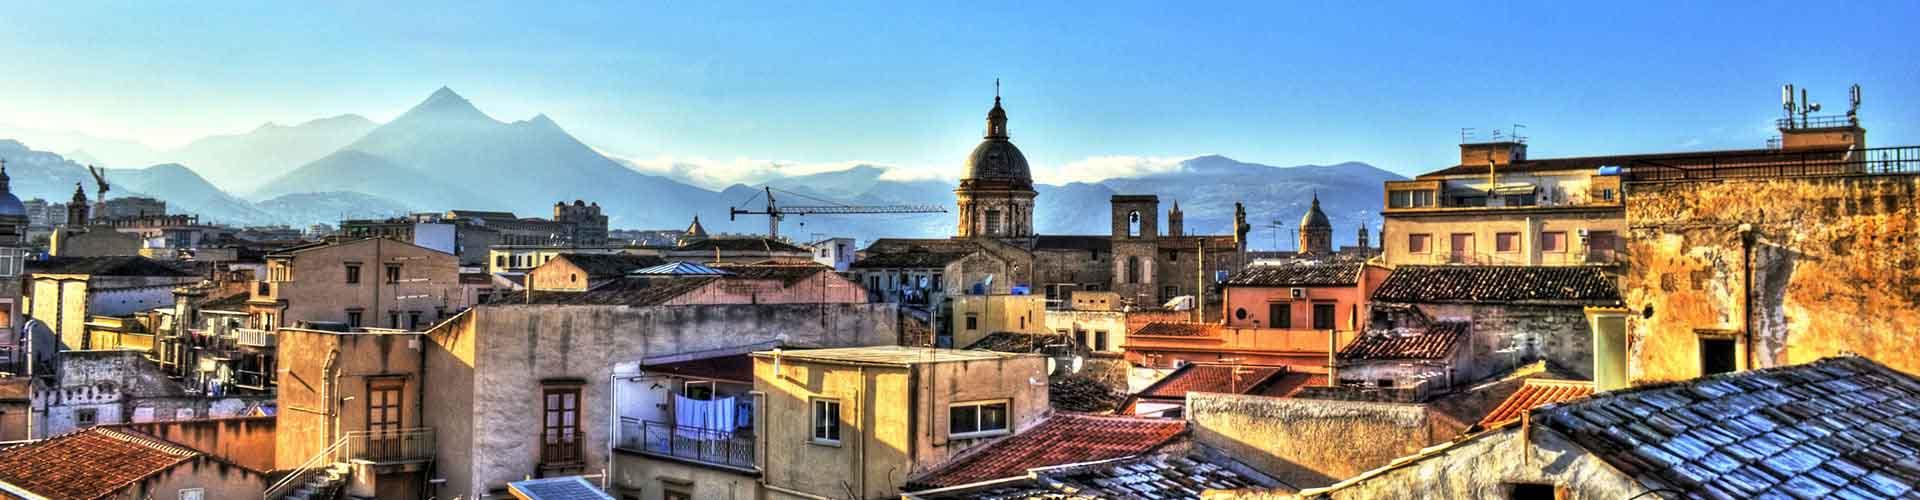 Palermo - Habitaciones en el distrito Politeama. Mapas de Palermo, Fotos y comentarios de cada Habitación en Palermo.